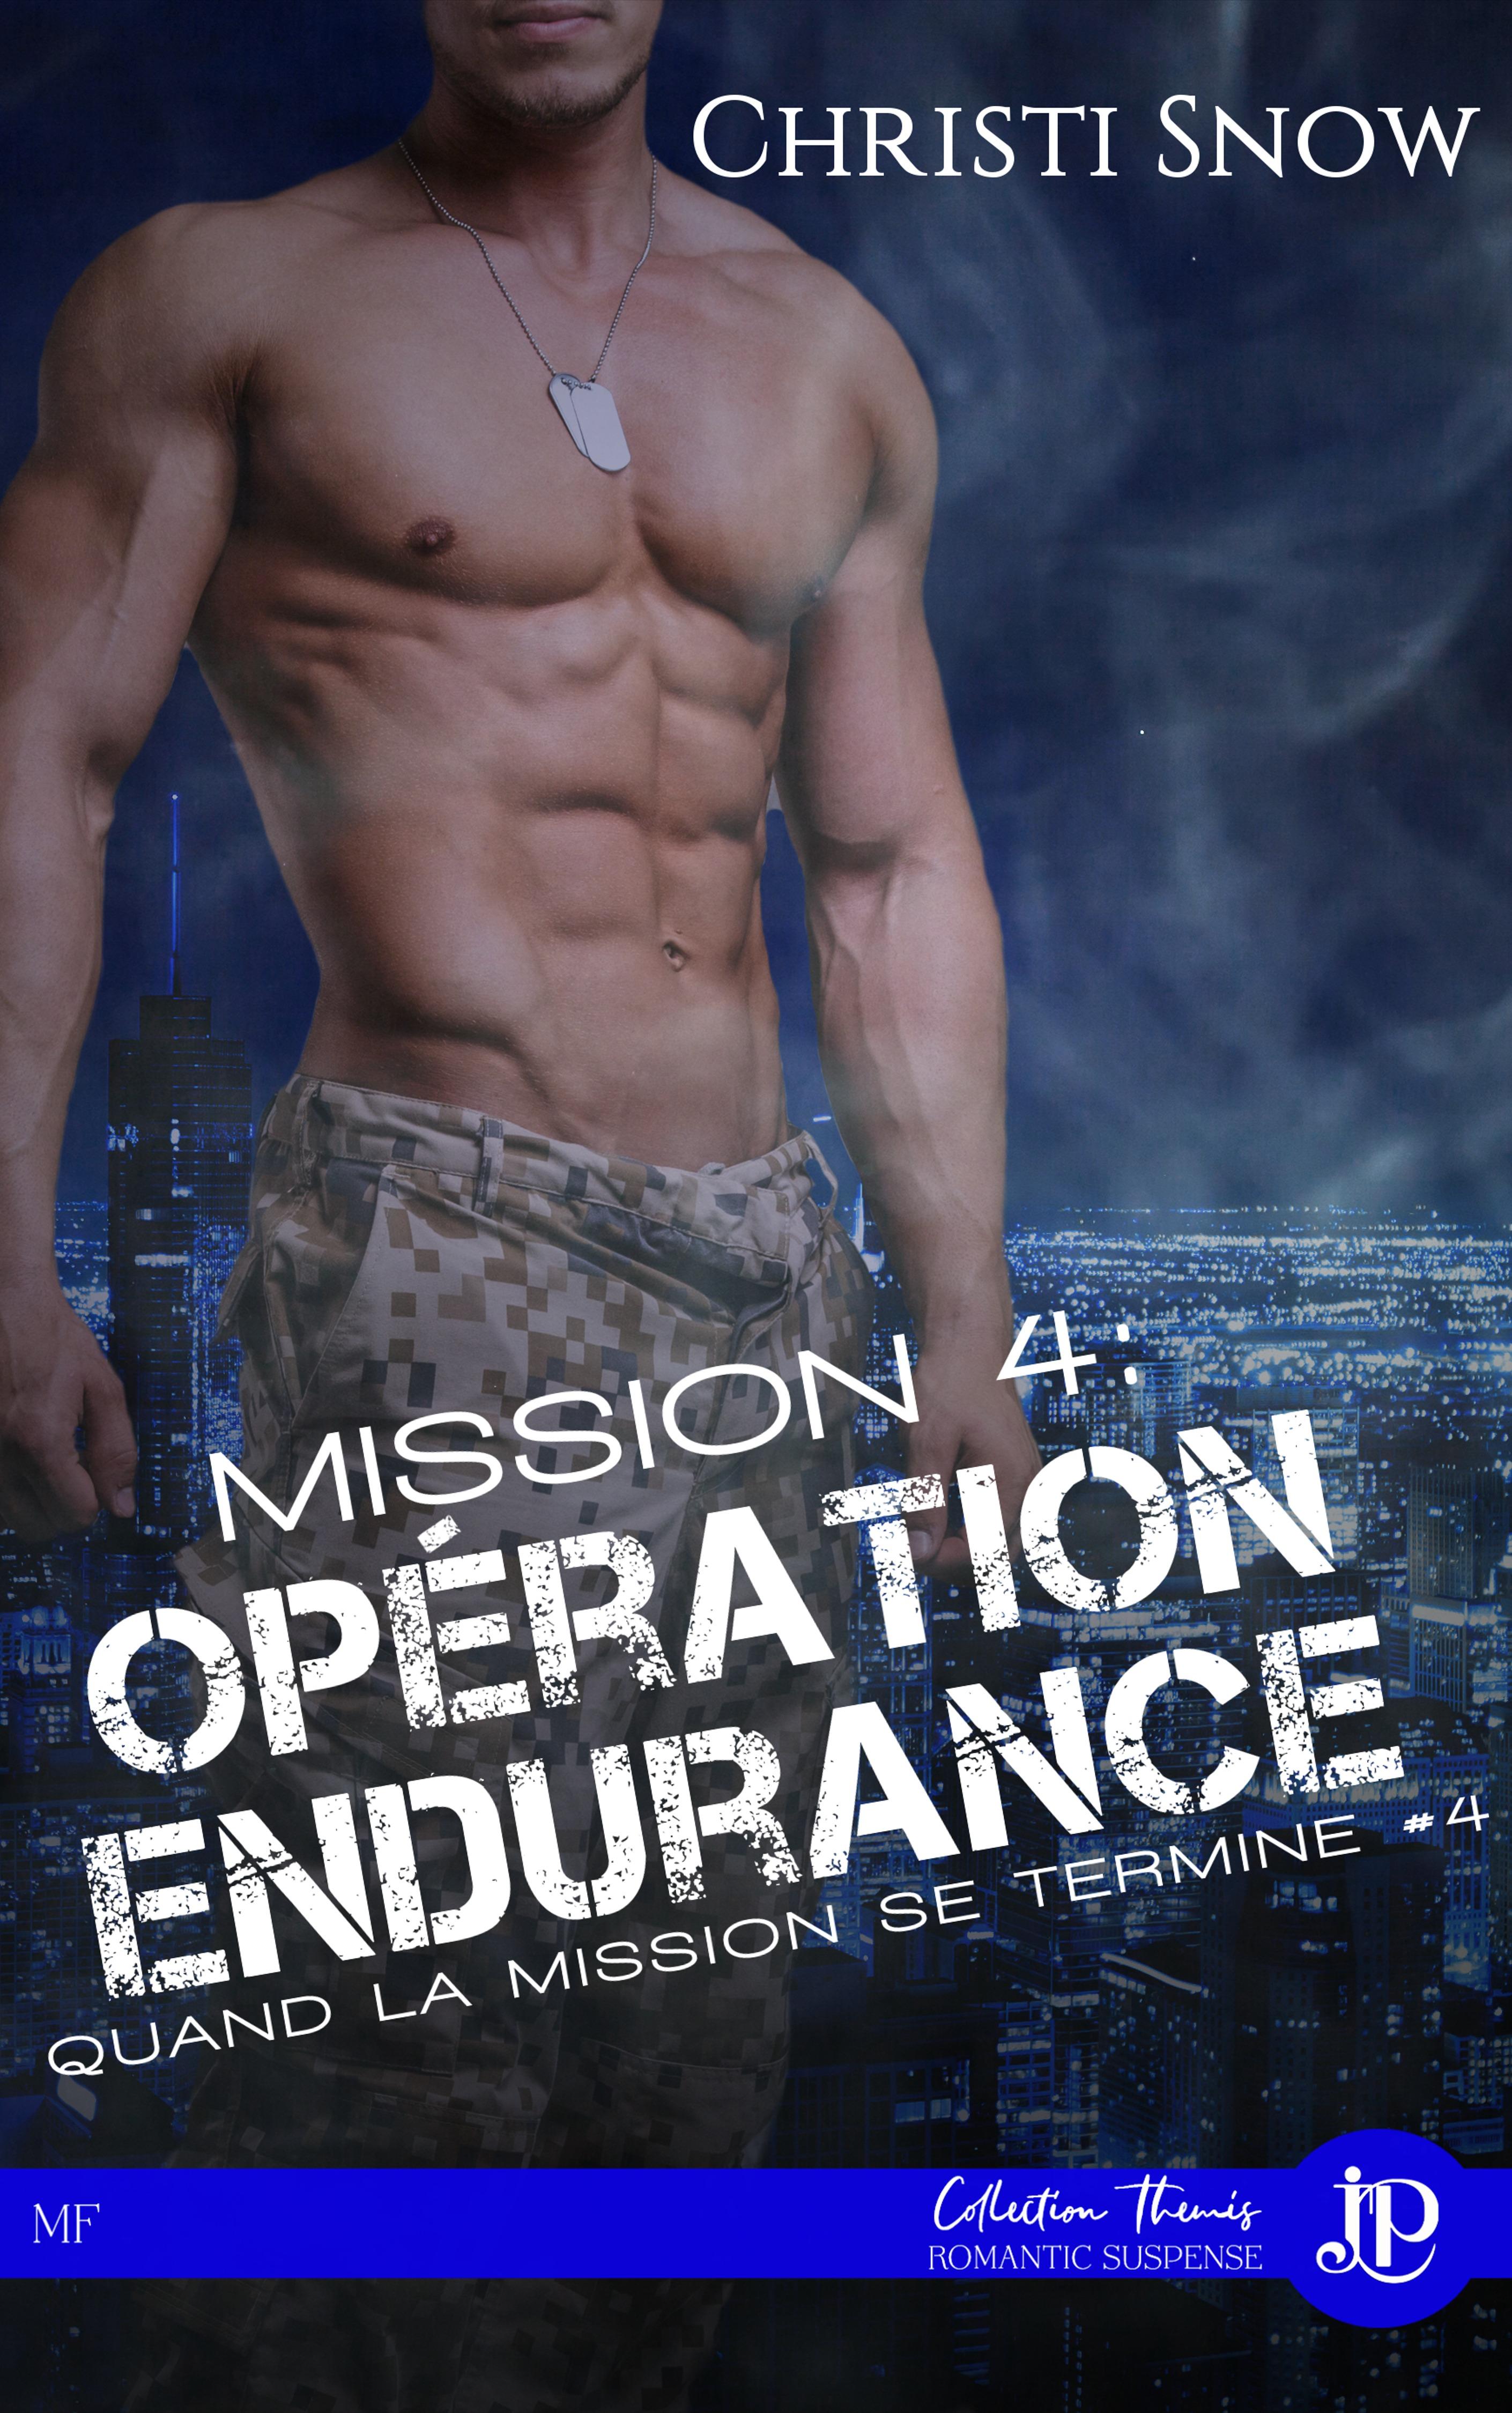 Mission 4 : Opération endurance, QUAND LA MISSION SE TERMINE #4